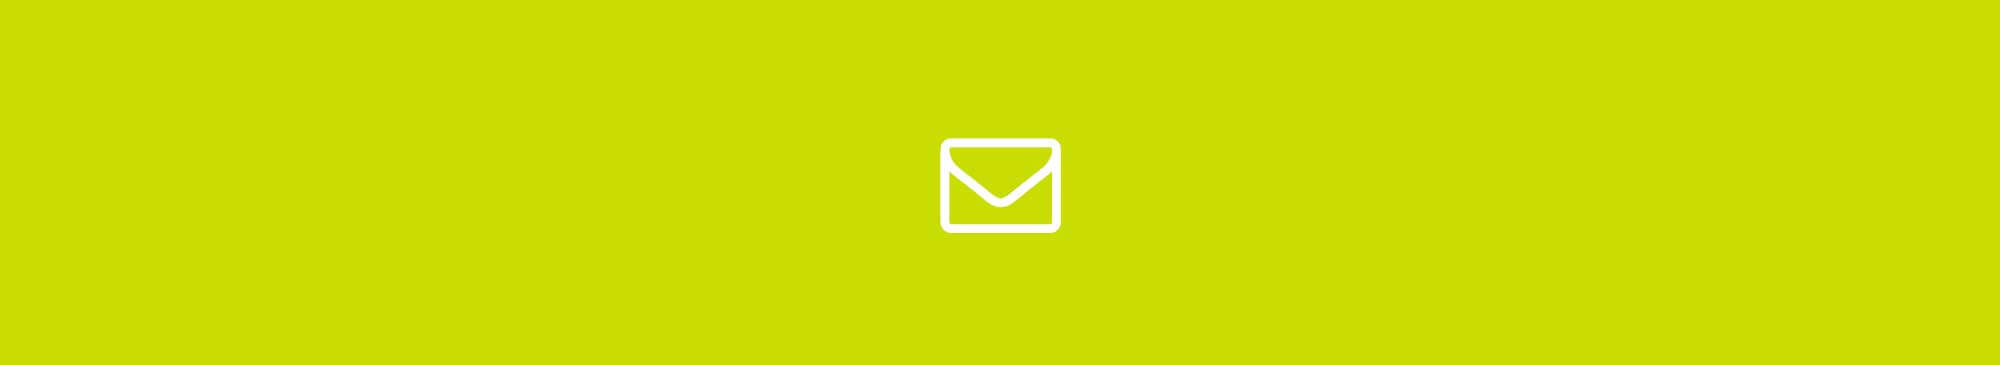 R&R/COM E-Mail-Marketing